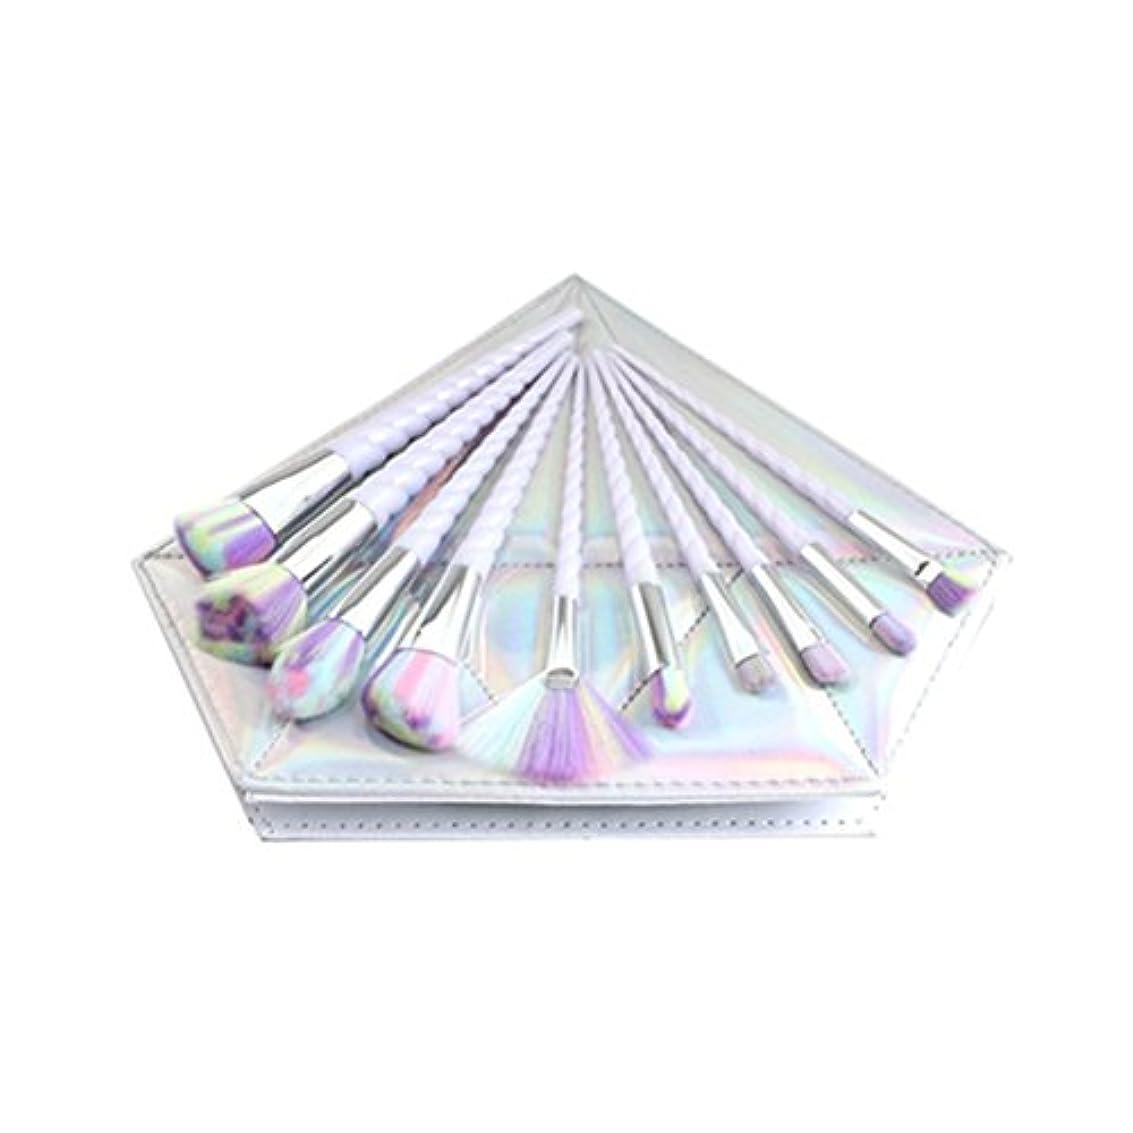 ホーム祖母素敵なDilla Beauty 10本セットユニコーンデザインプラスチックハンドル形状メイクブラシセット合成毛ファンデーションブラシアイシャドーブラッシャー美容ツール美しい化粧品のバッグを送る (白いハンドル - 多色の毛)